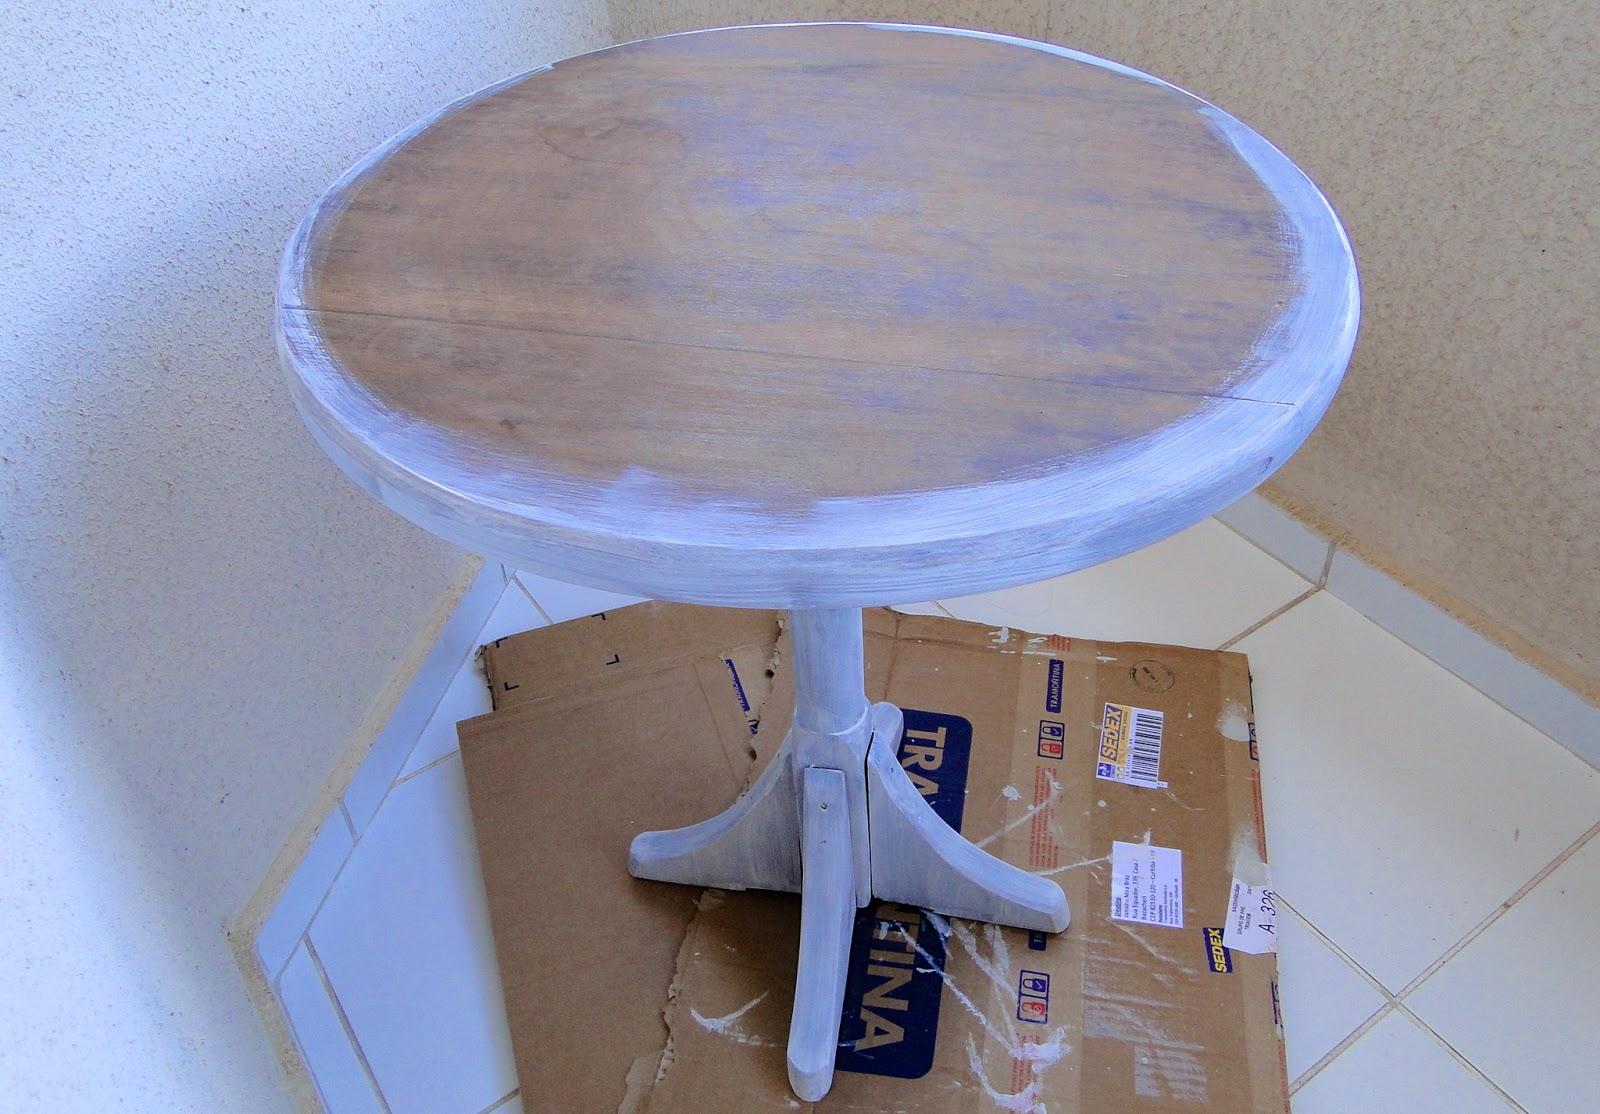 acordei com uma ótima idéia na cabeça customizar o tampo da mesa #2D539E 1600x1114